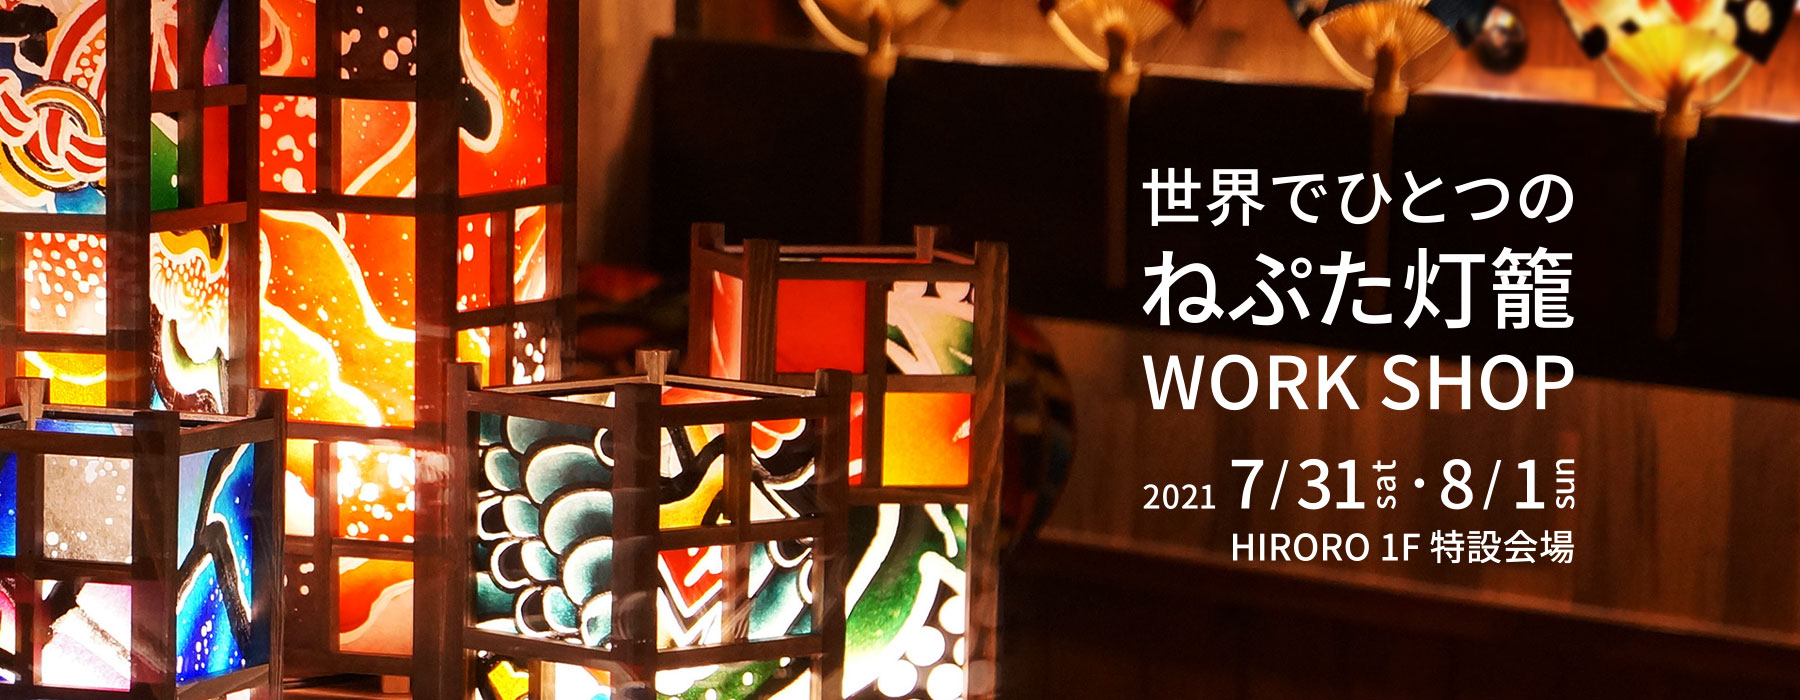 世界でひとつのねぷた灯籠 WORK SHOP